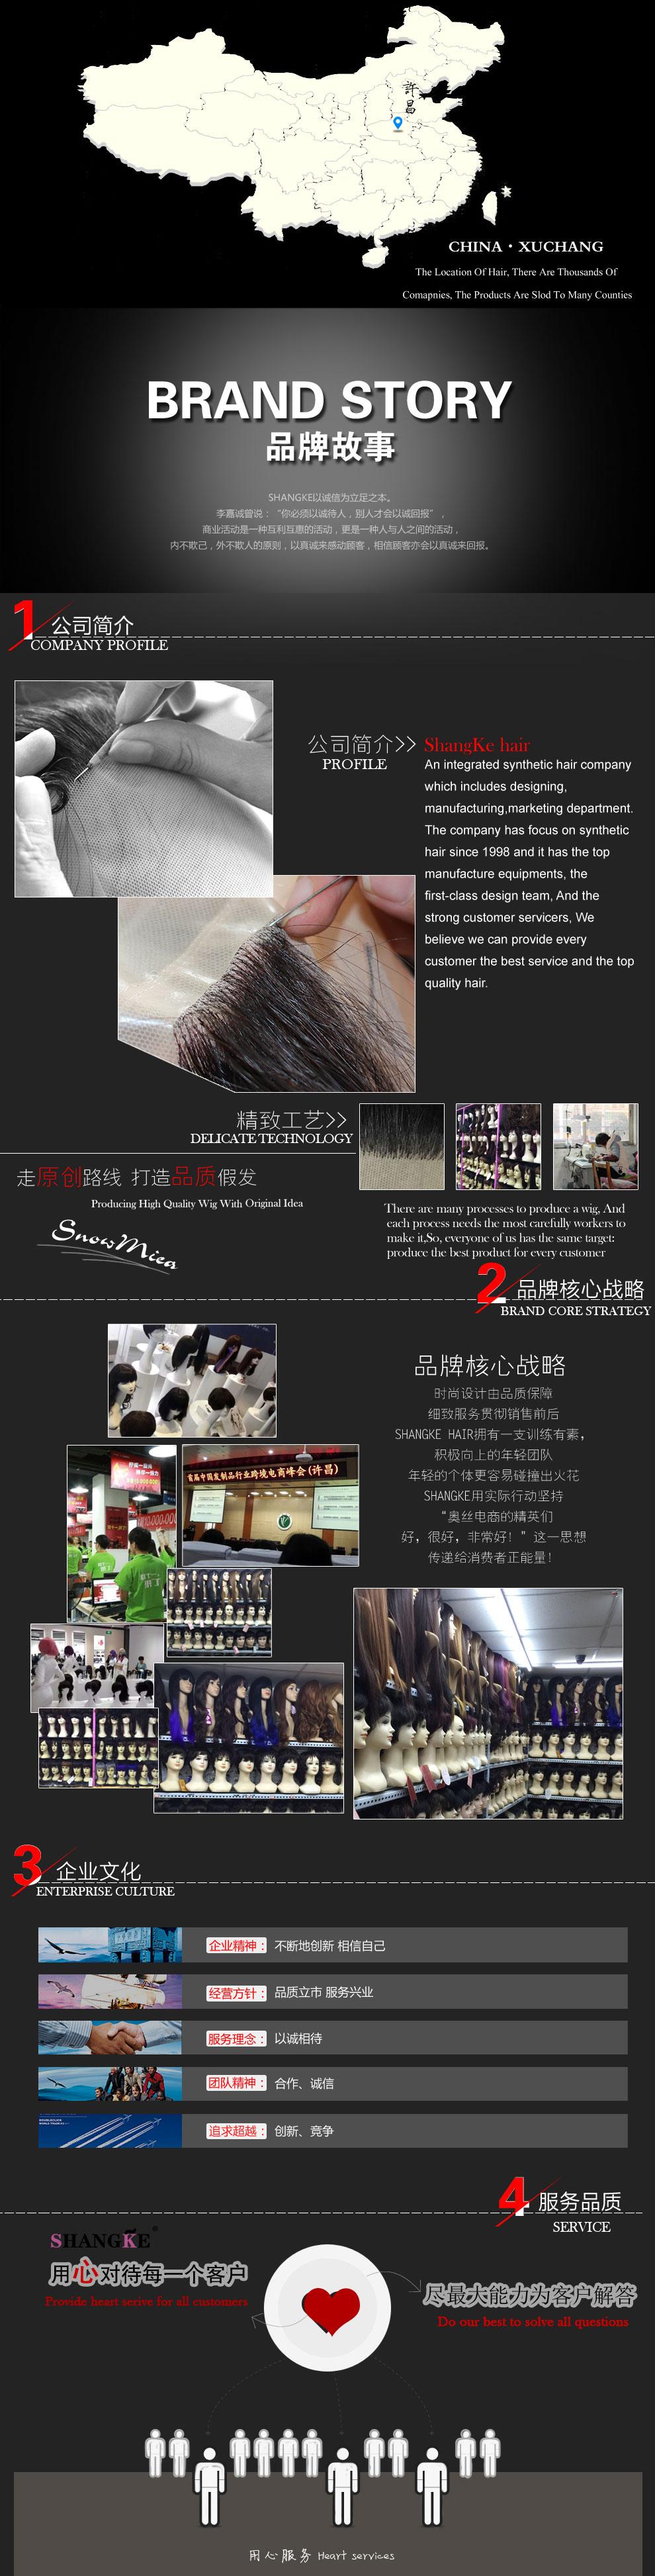 shangke 22 'длинные прямые черный парик для женщин прически термостойкие искусственные парики для черный для женщин афроамериканец шиньоны